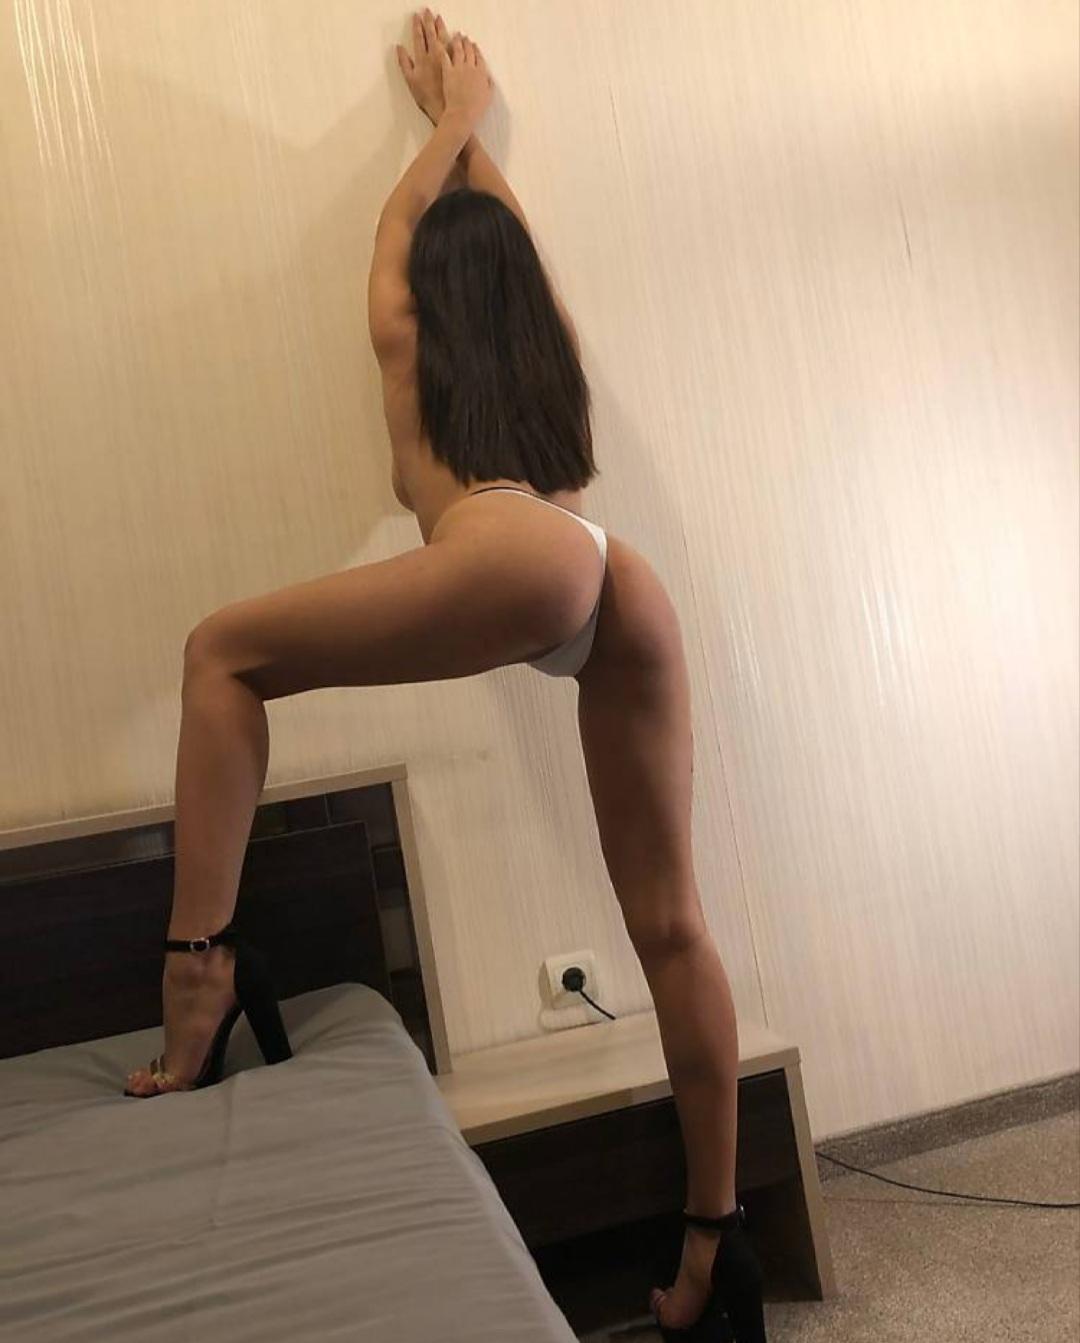 Ελένη Ελληνίδα 23 ετών